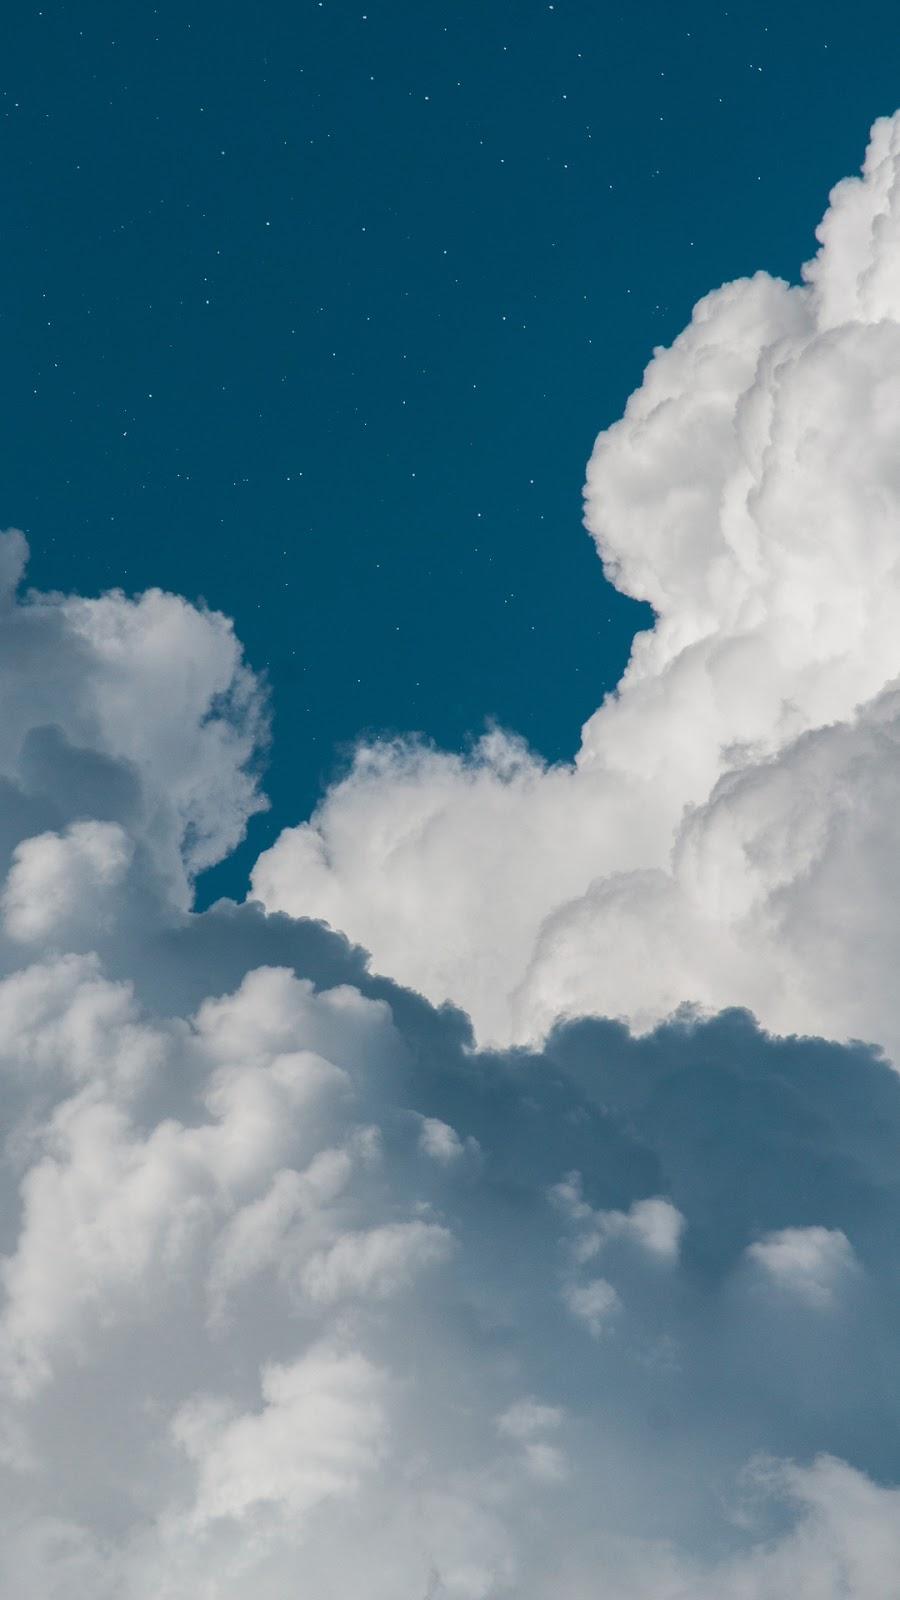 Mây trắng giữa bầu trời trong xanh